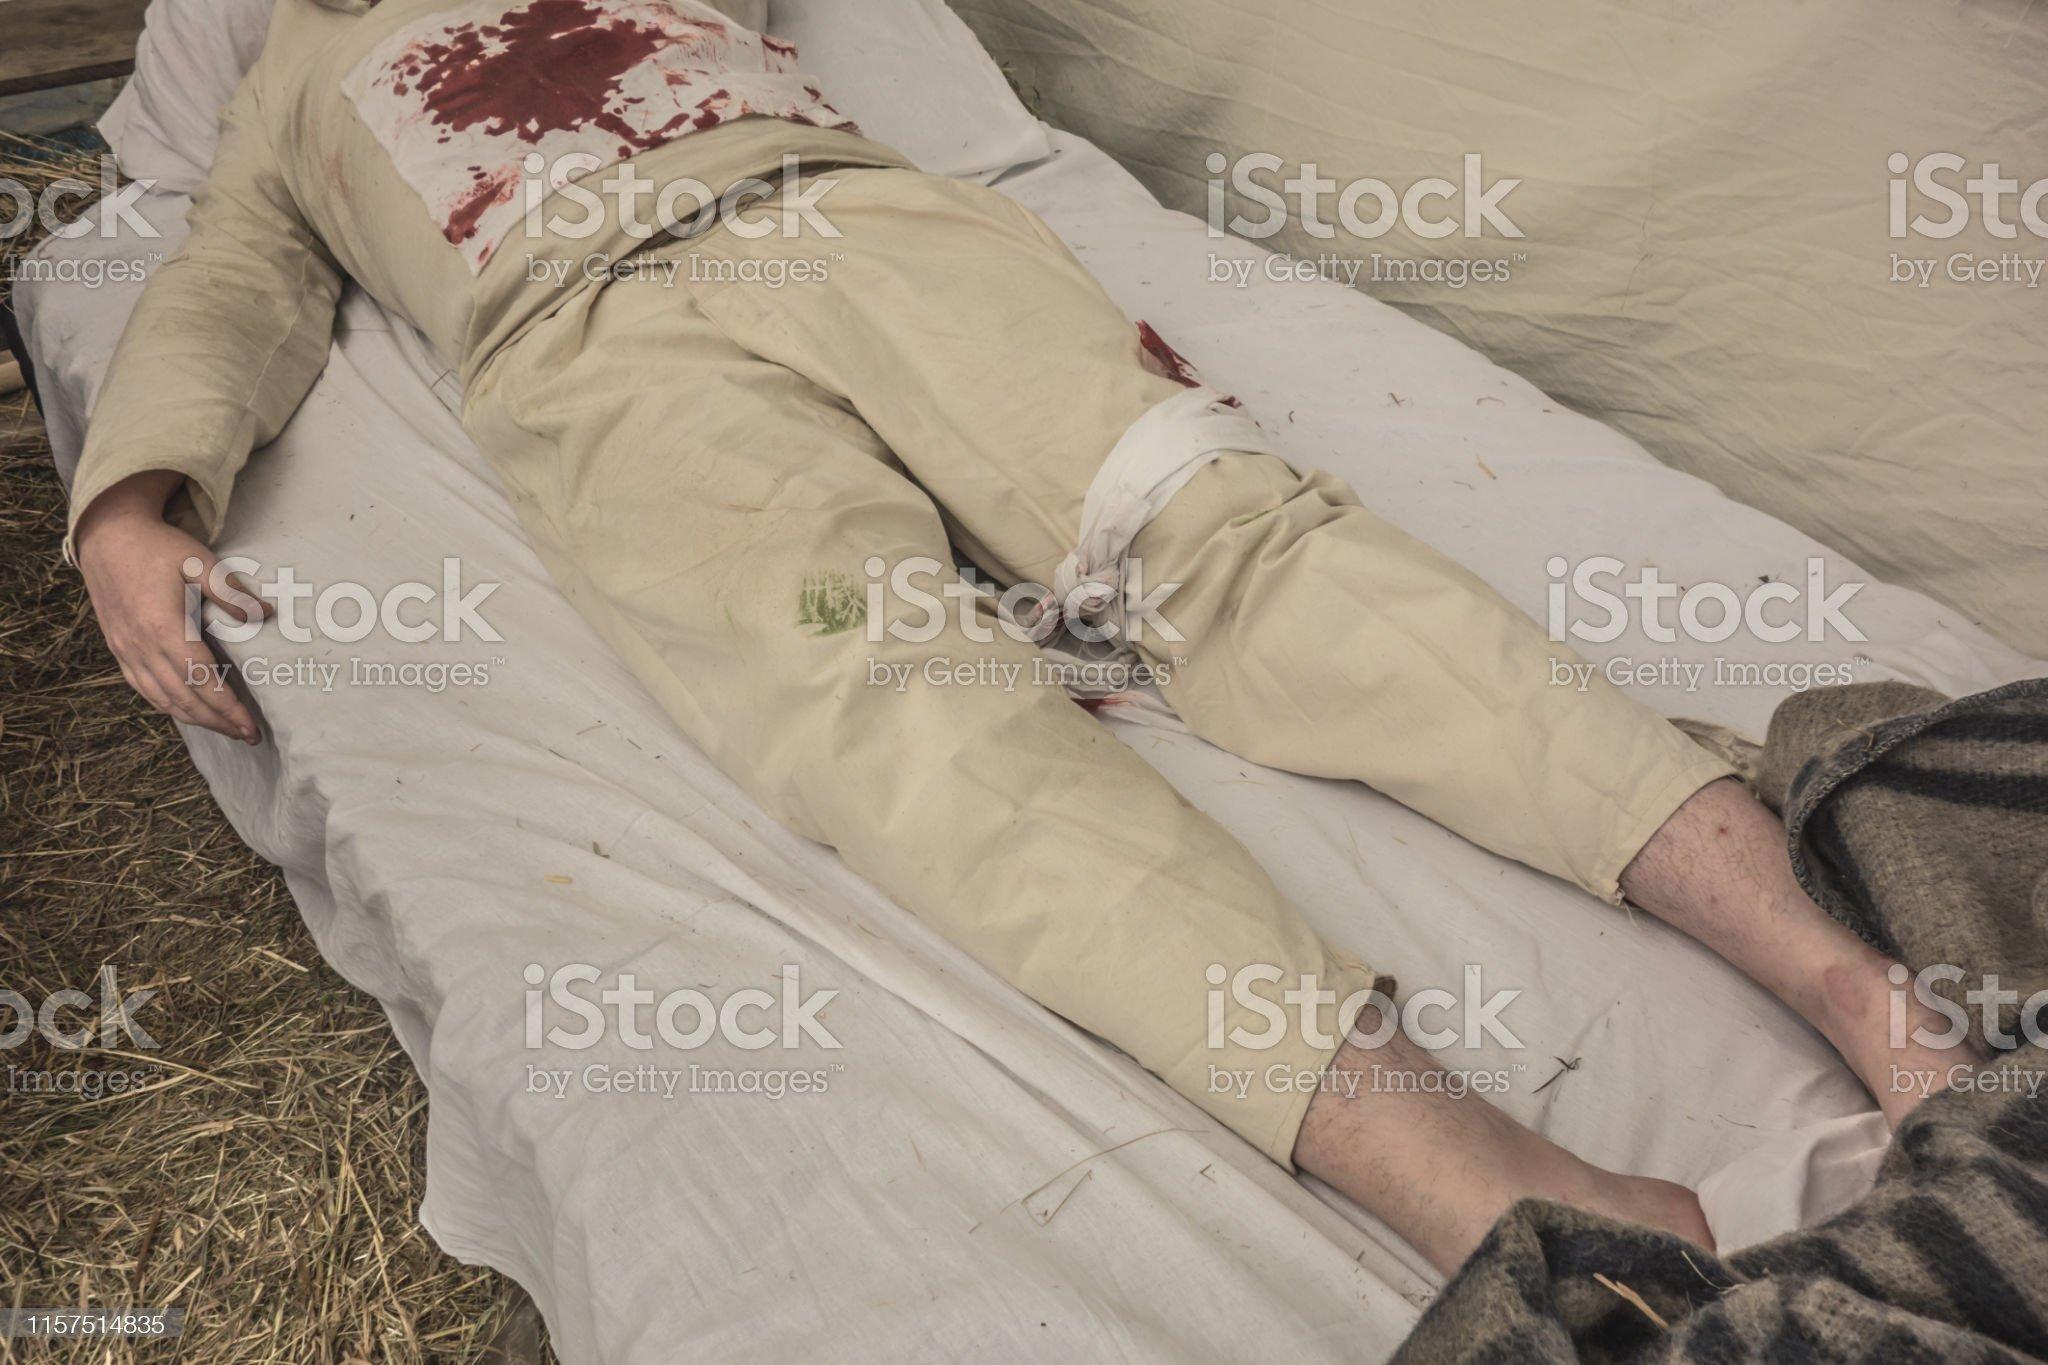 Военный госпиталь, окровавленный мужчина